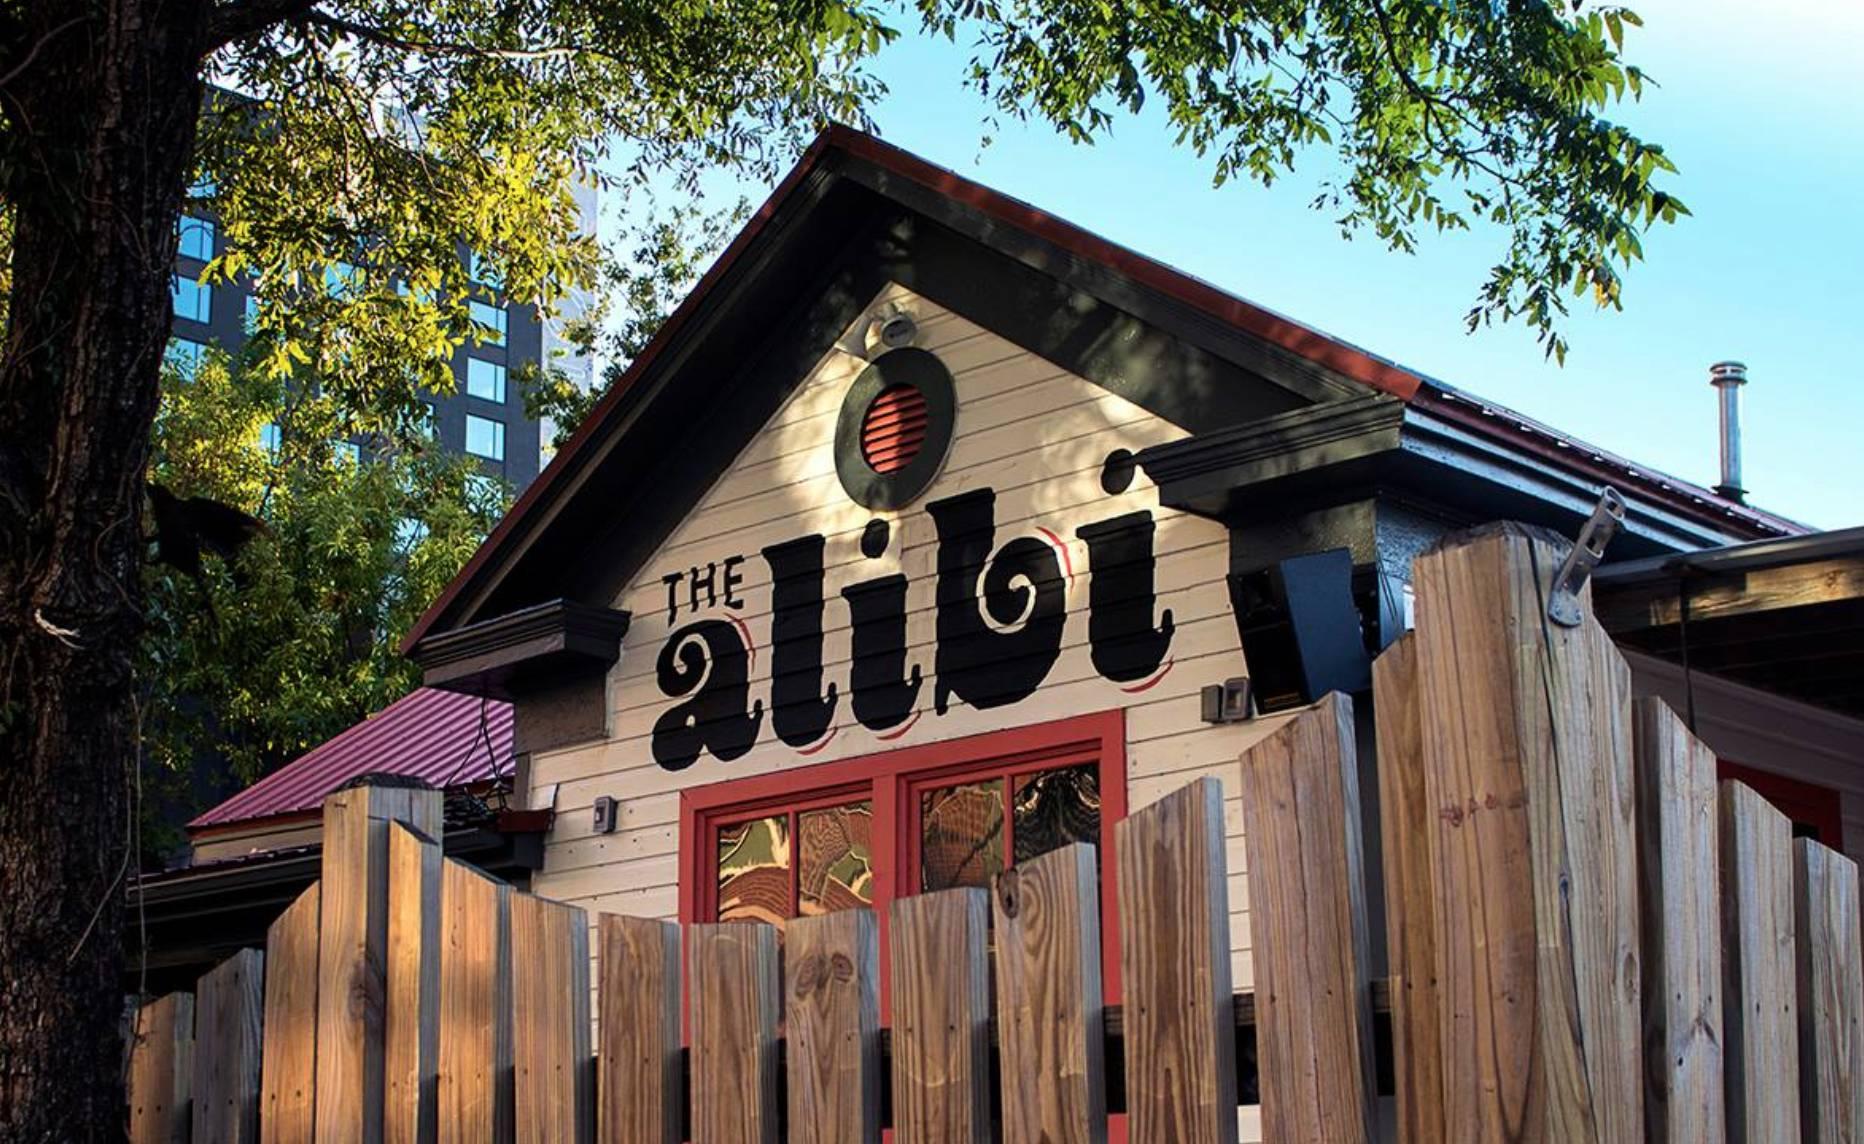 The Alibi